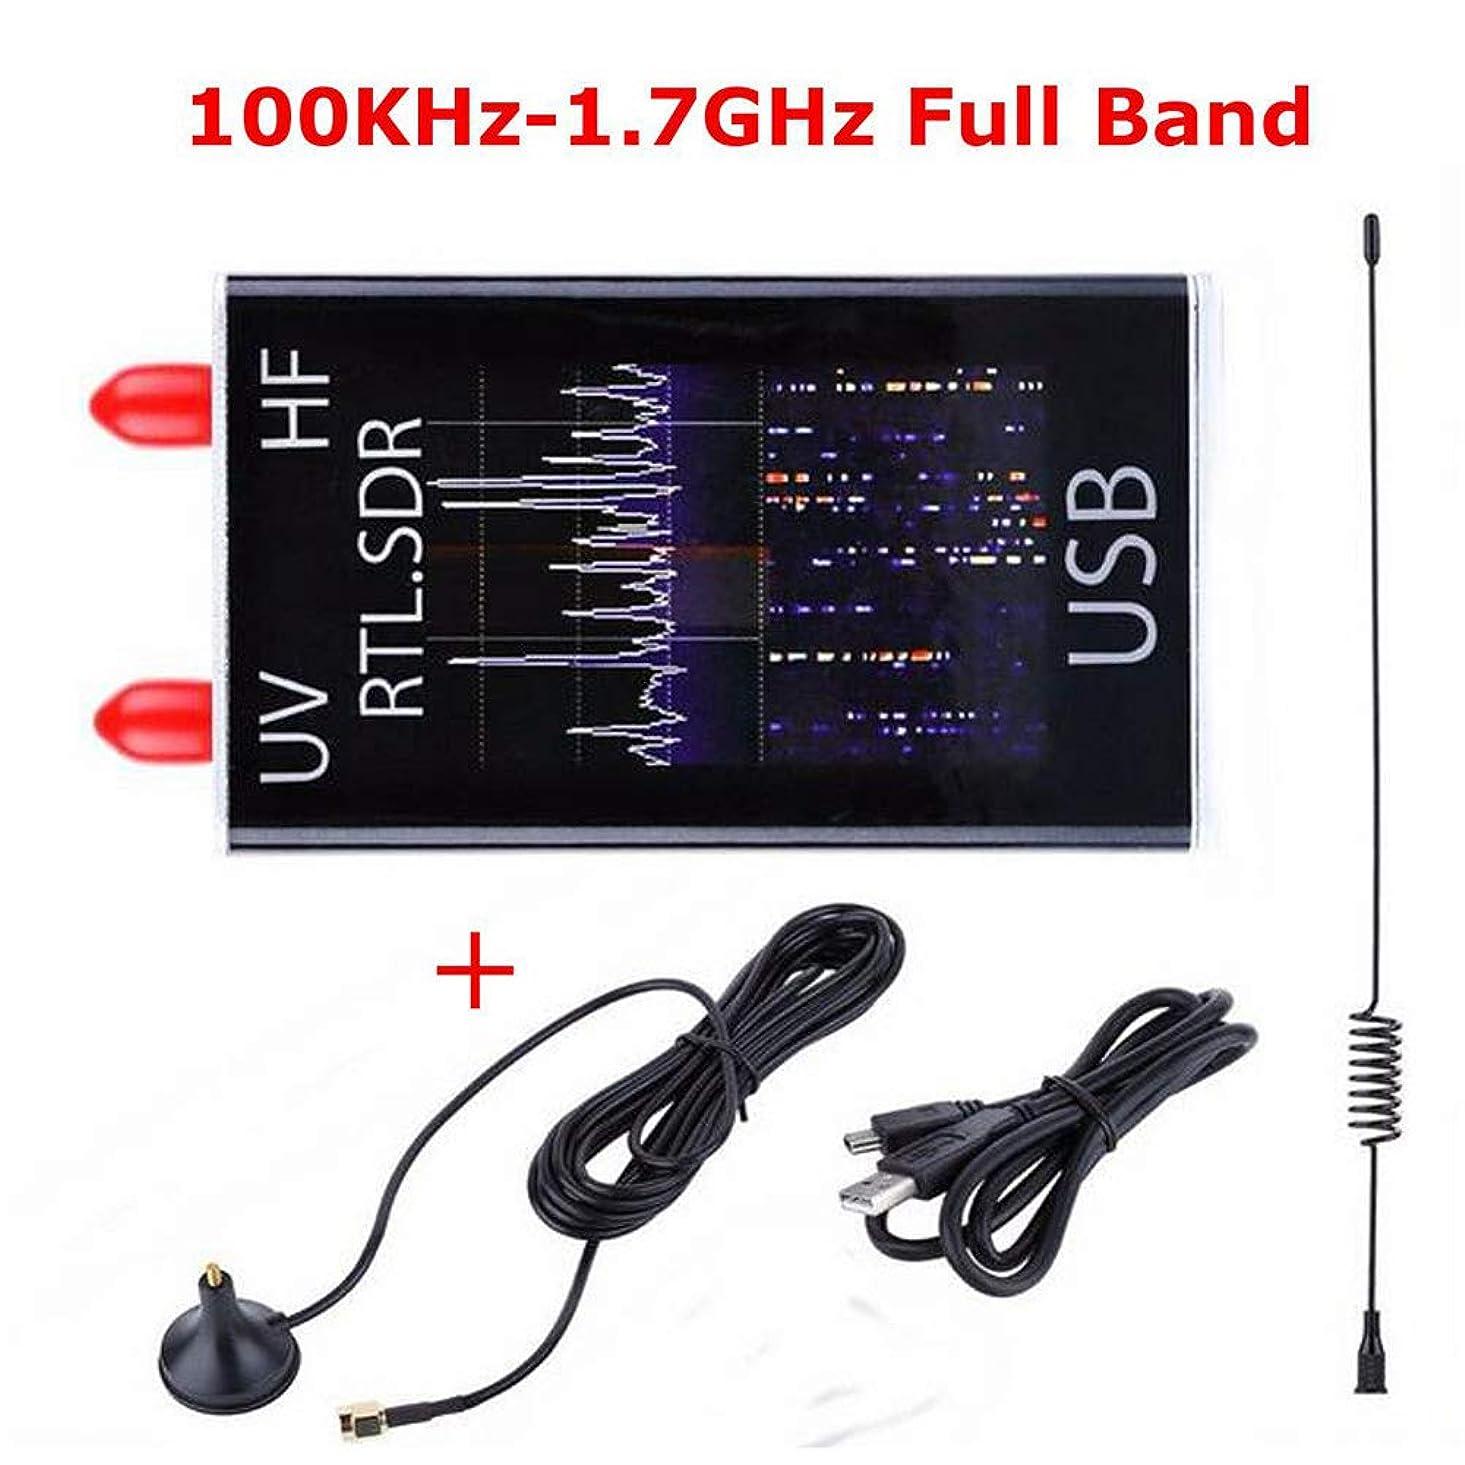 人物赤道申し立てACHICOO 100KHz?1.7GHzフルバンドUV HF RTL-SDR USBチューナーレシーバ/ R820T + 8232ハムラジオ